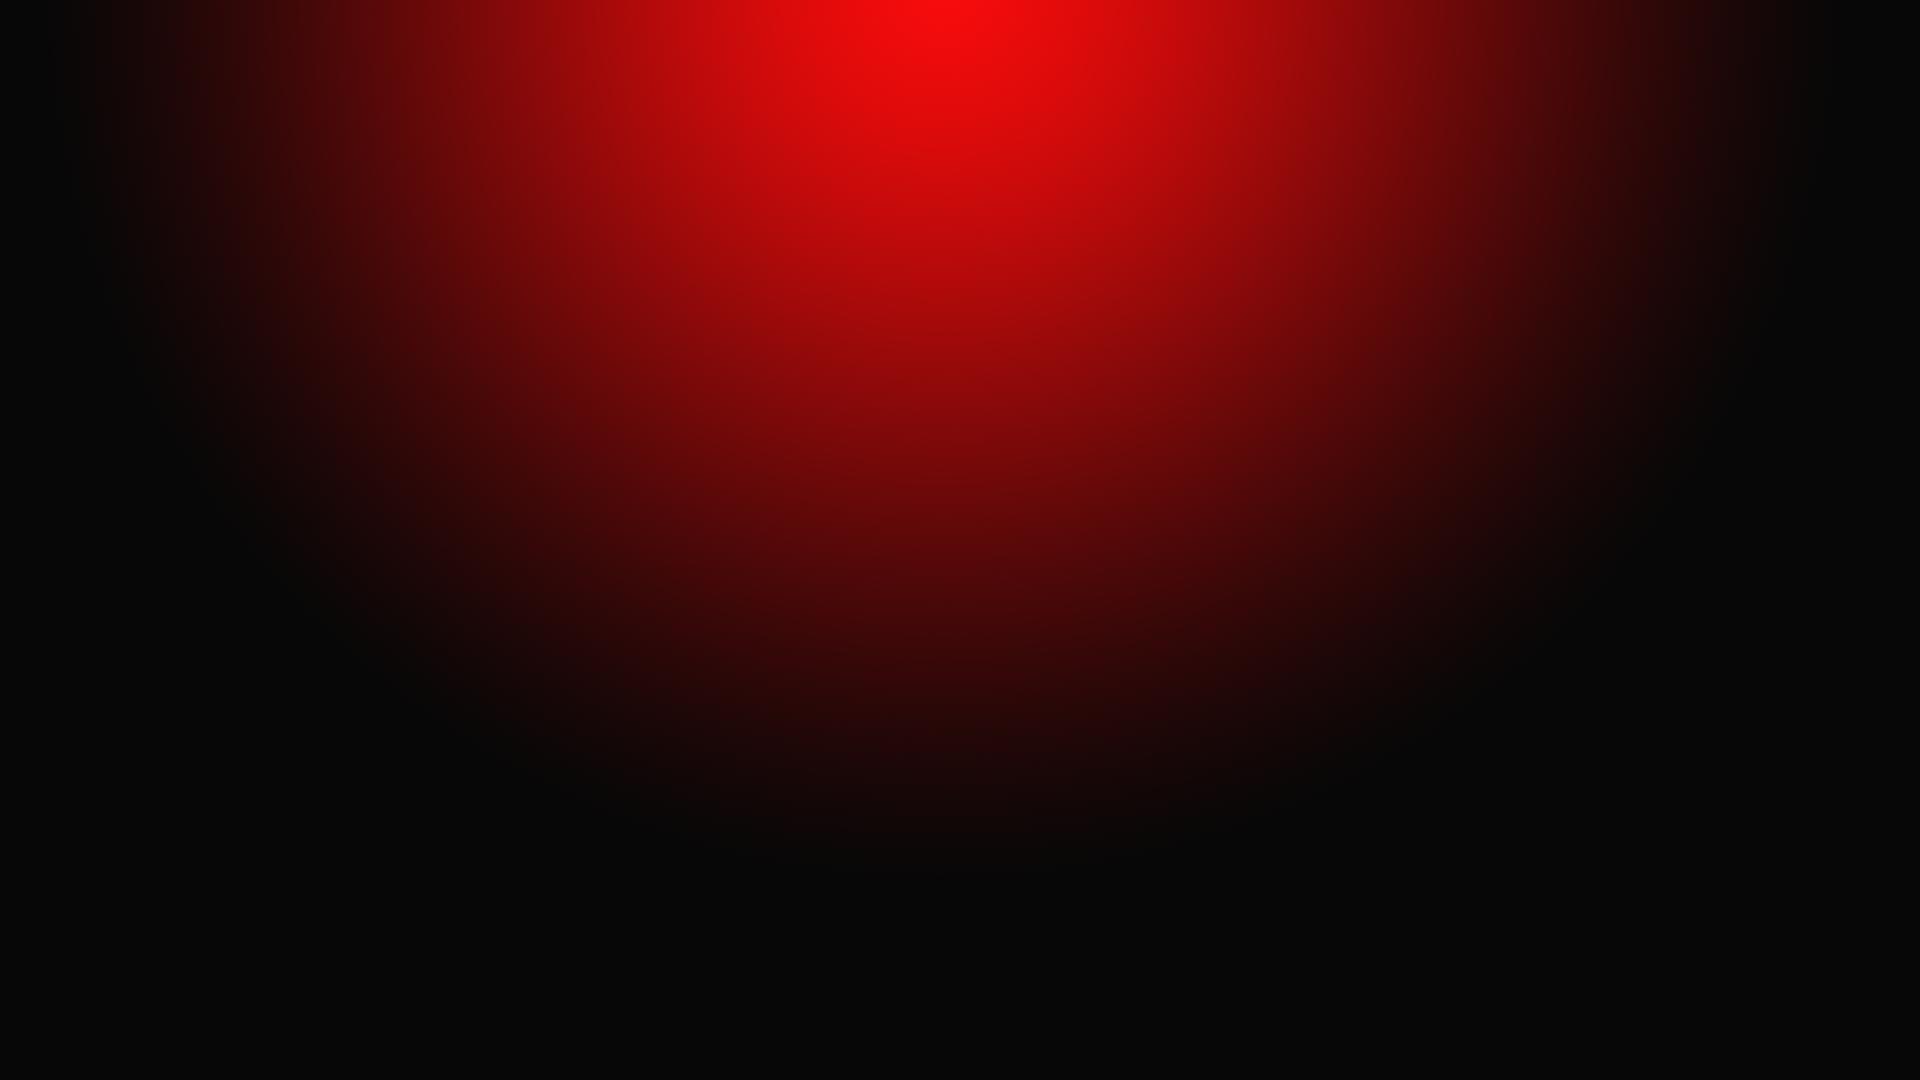 1920x1080 Red Black Circular Gradient Destop Wallpaper Black And Red Gradient Background 1920x1080 Wallpaper Teahub Io